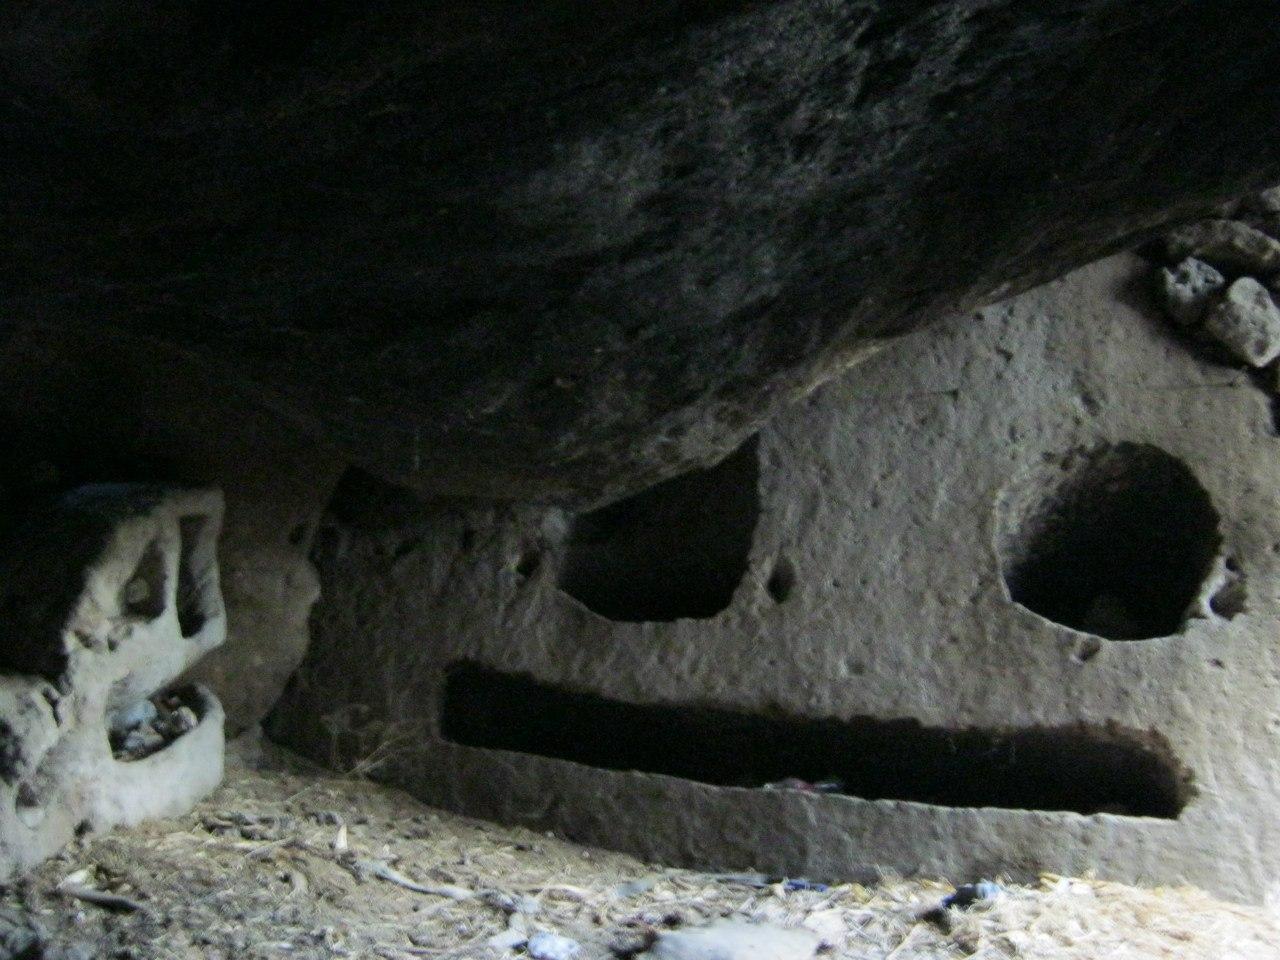 Гюзельюрт (Каппадокия). В одной из пещер близ жилых домов... Эти углубления были сделаны для хознужд. Например, для закладки туда сена, чтобы скотина кушала... В итоге получилось 2 субъекта, похожих на лица неких существ.